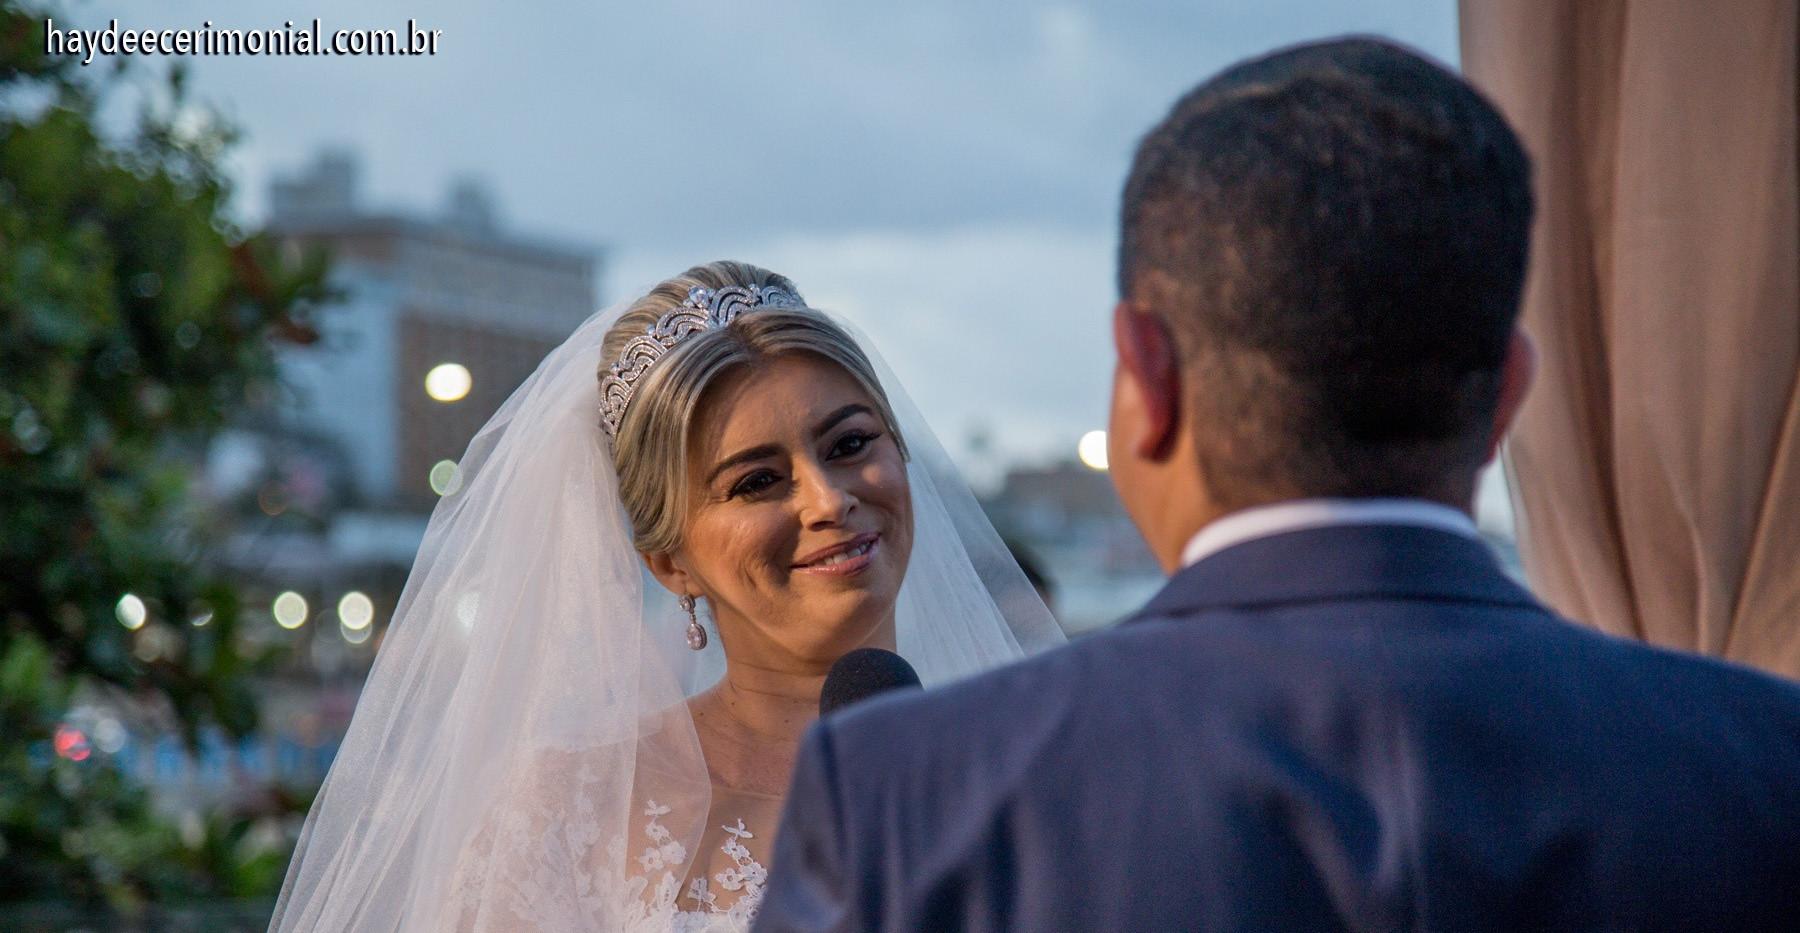 Casamento-Haydee-20